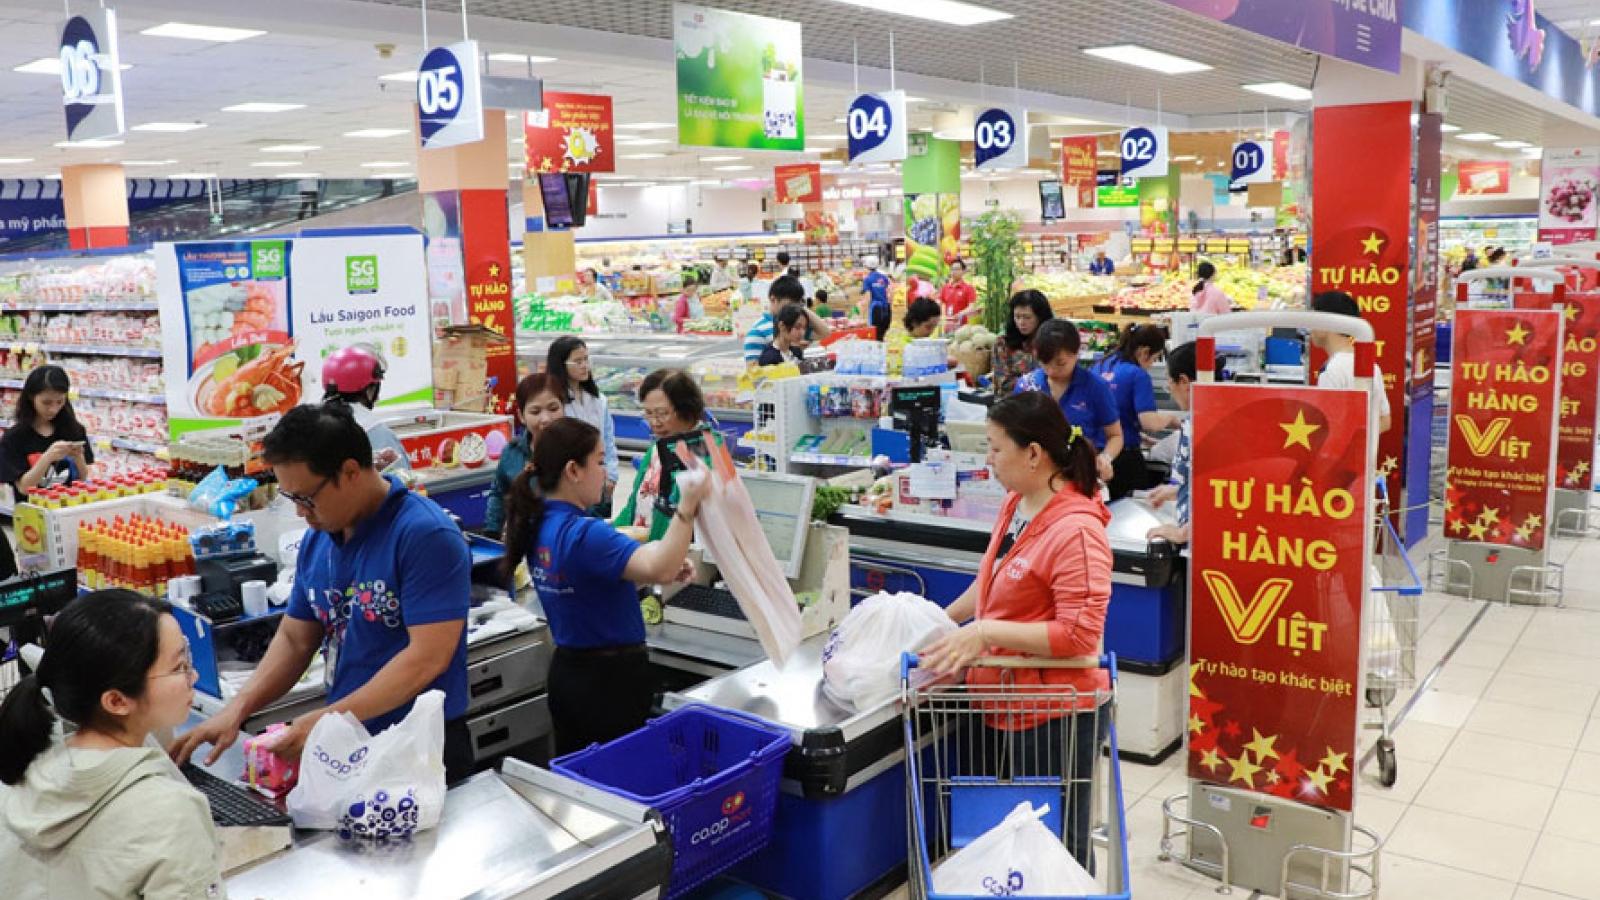 Mua sắm hàng hóa không biến động nhiều so với trước dịch Covid-19